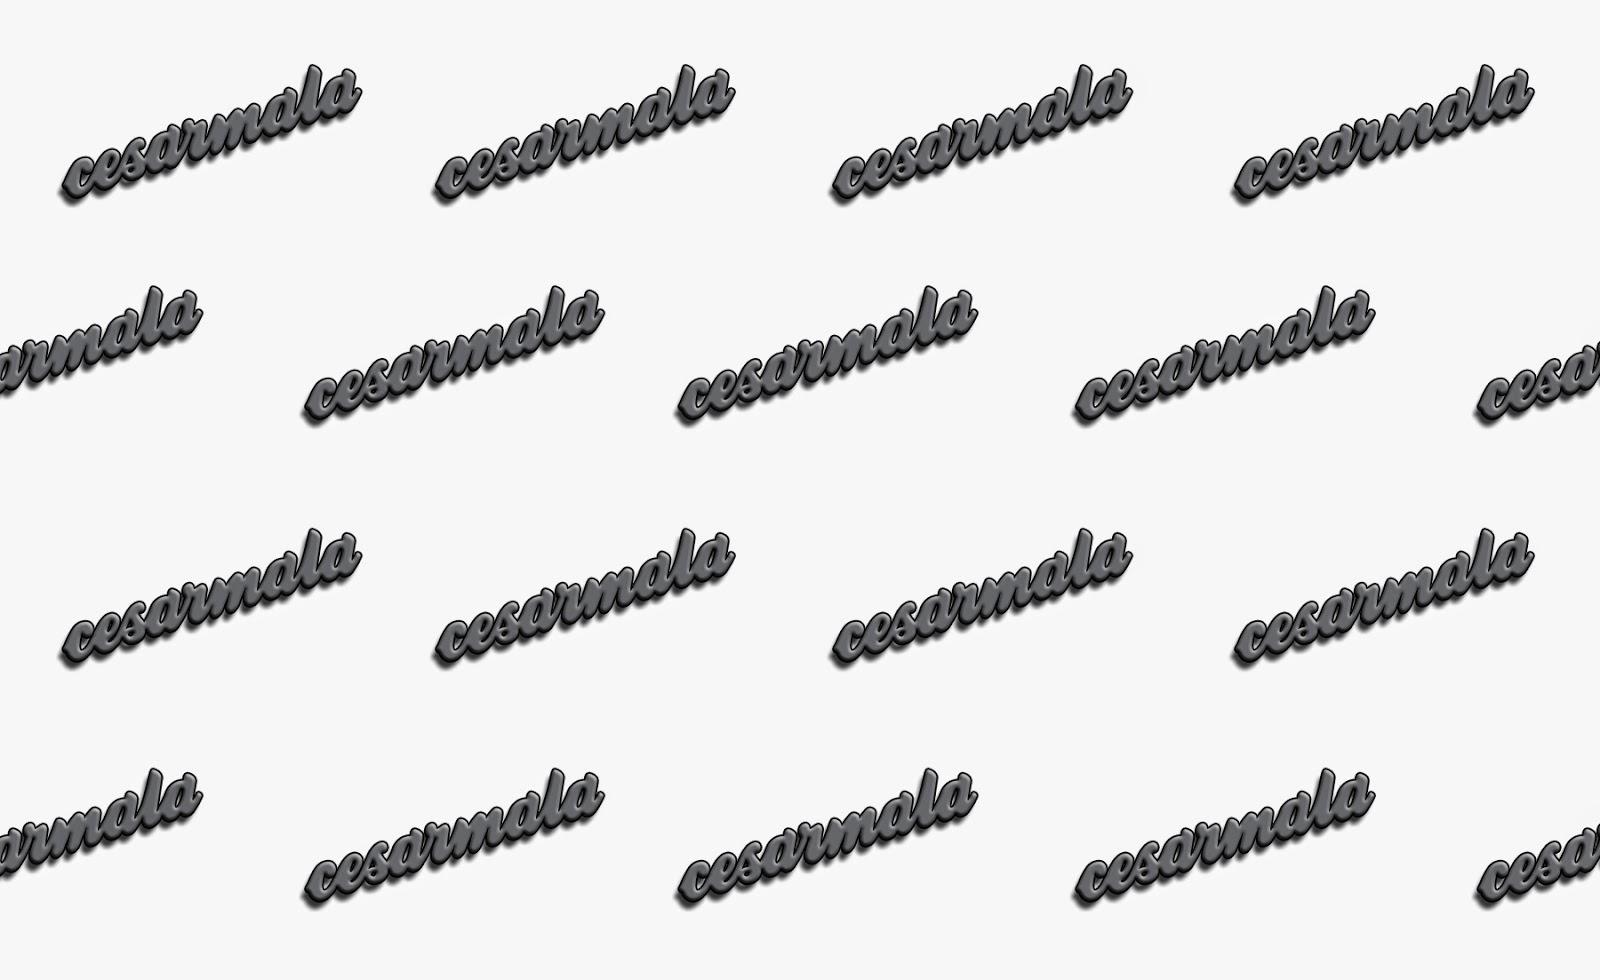 Cesarmala Minis e Customs: Herbie, o fusca mais conhecido